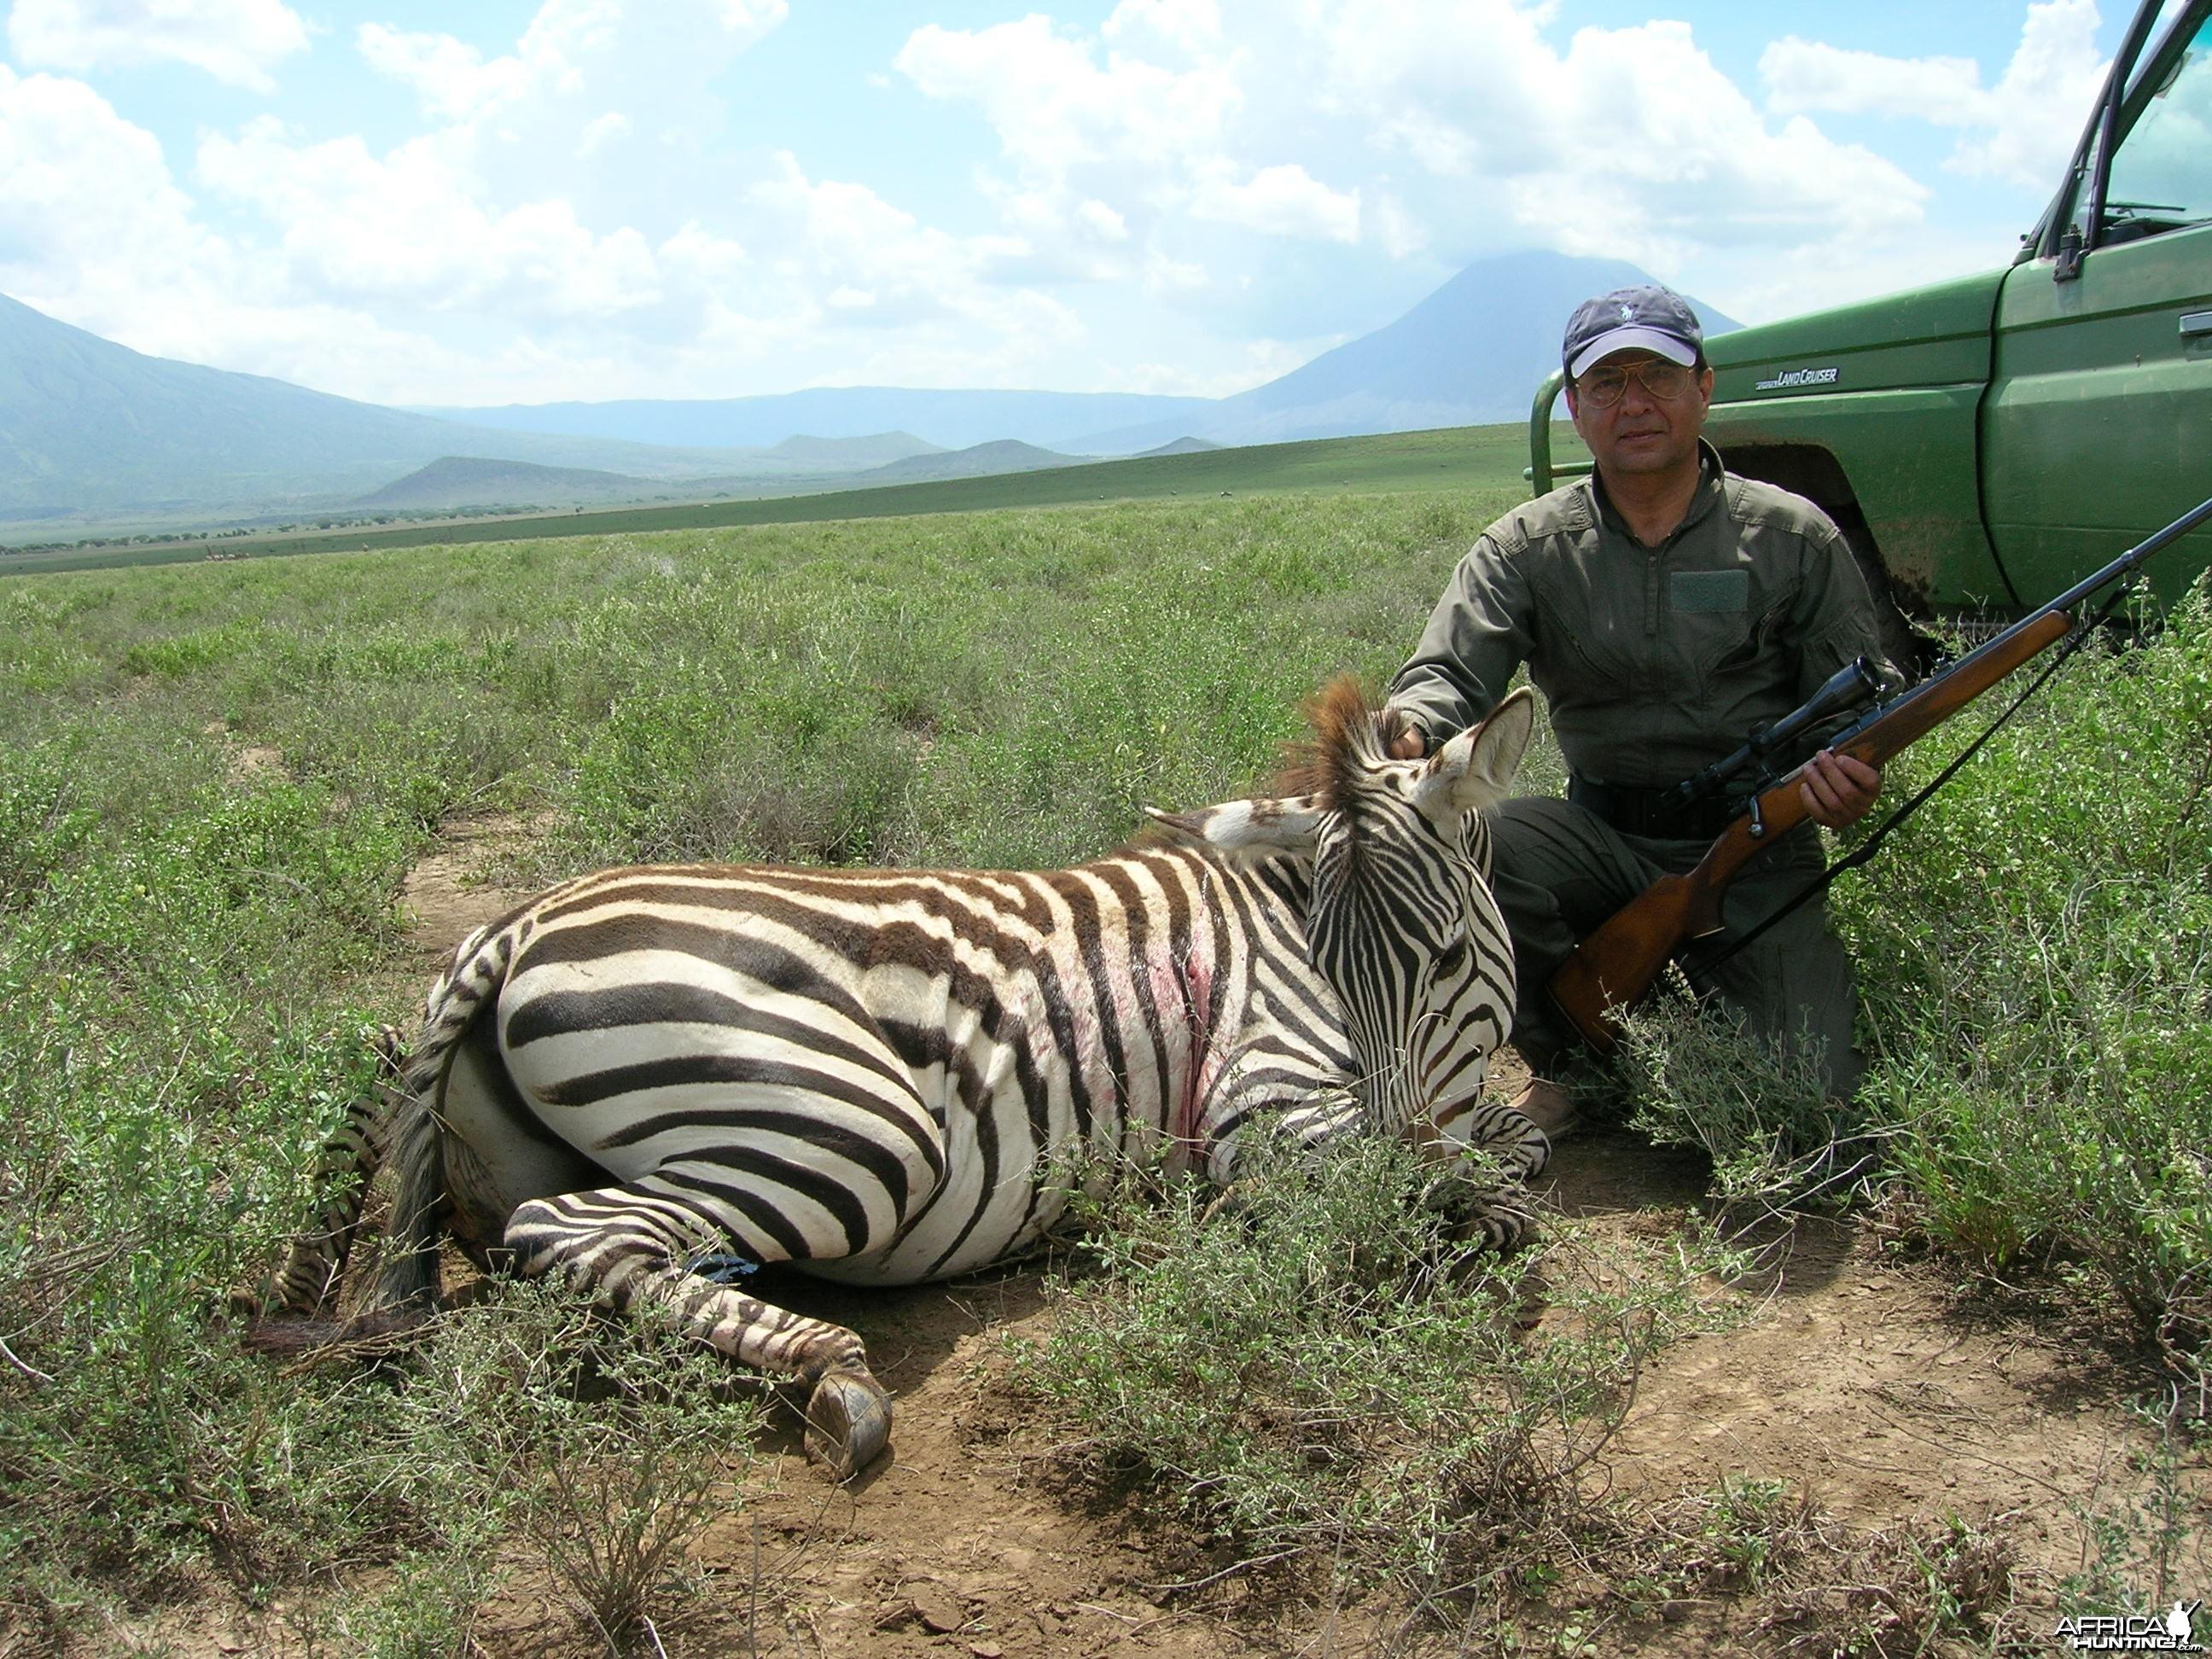 Stallion Zebra